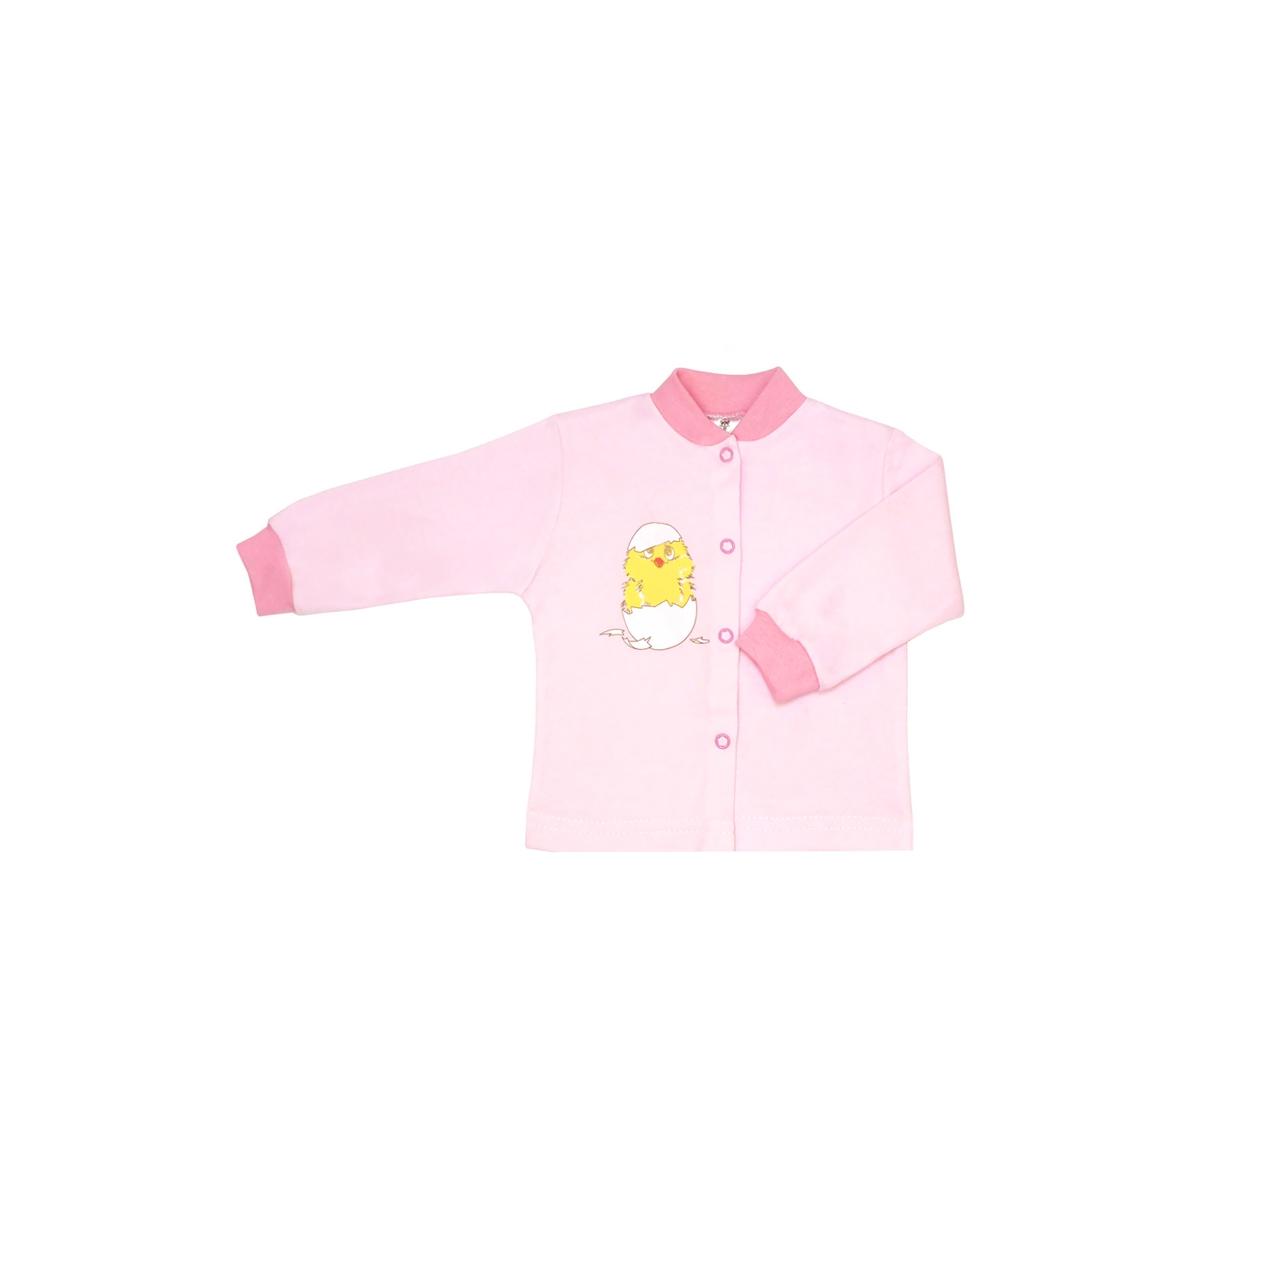 Кофточка КОТМАРКОТ для девочки, цвет розовый, Цыпленок 6-9 мес (размер 74)<br>